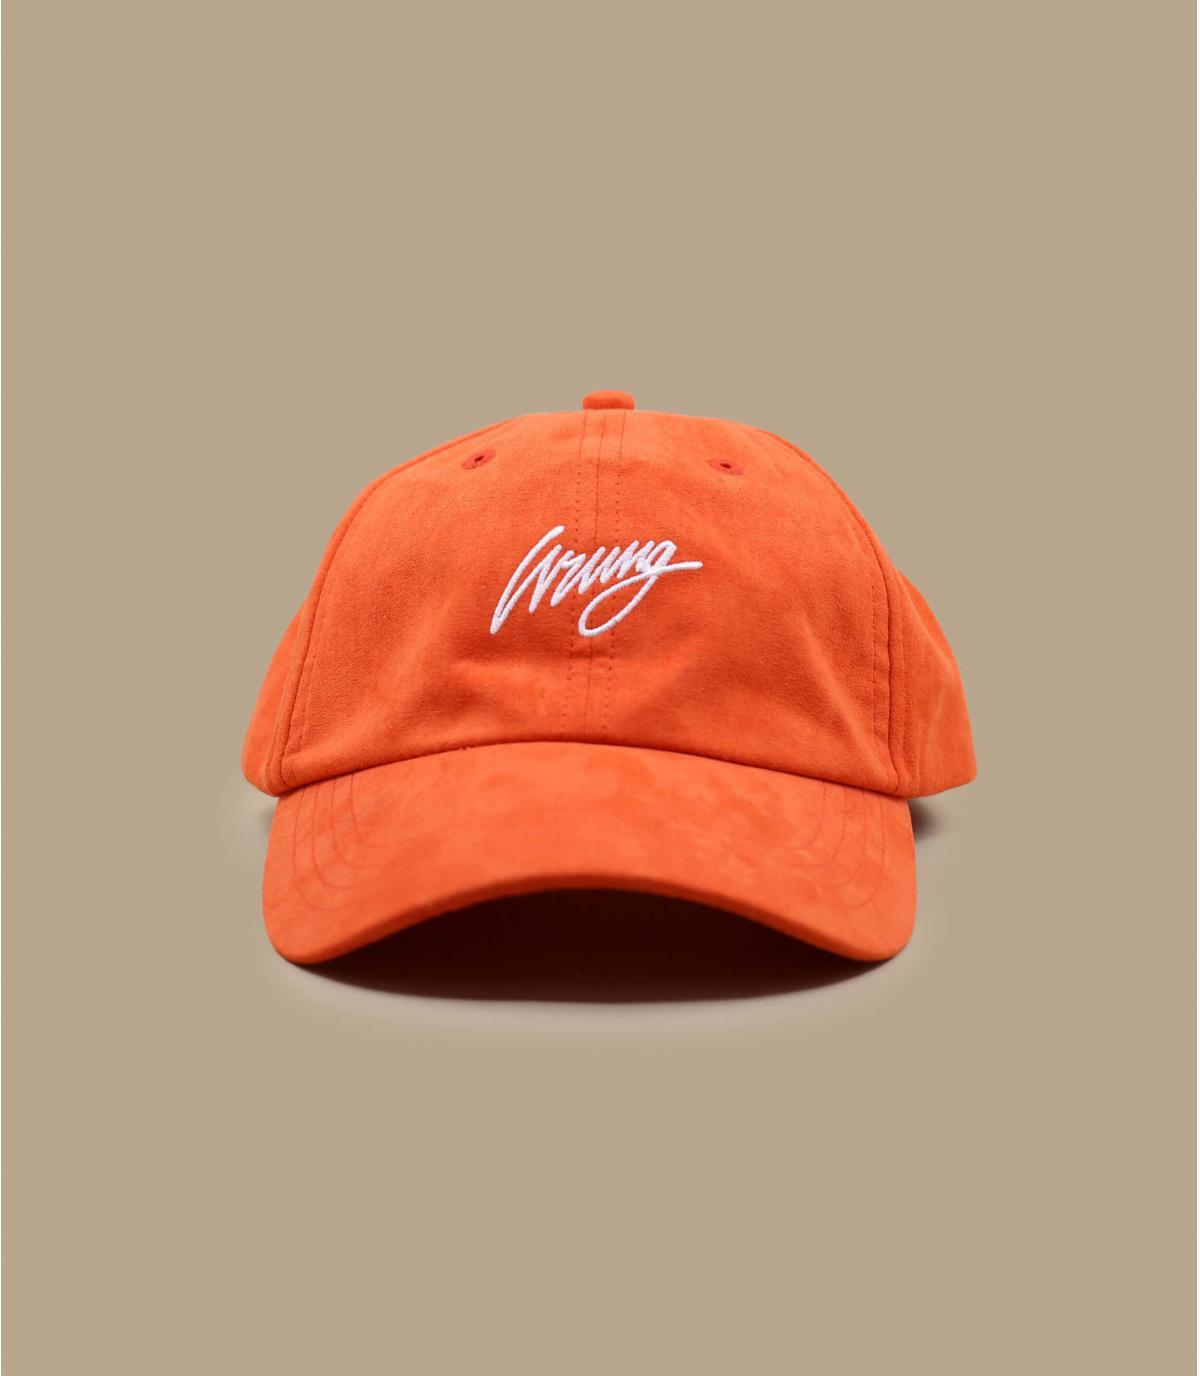 casquette orange Wrung